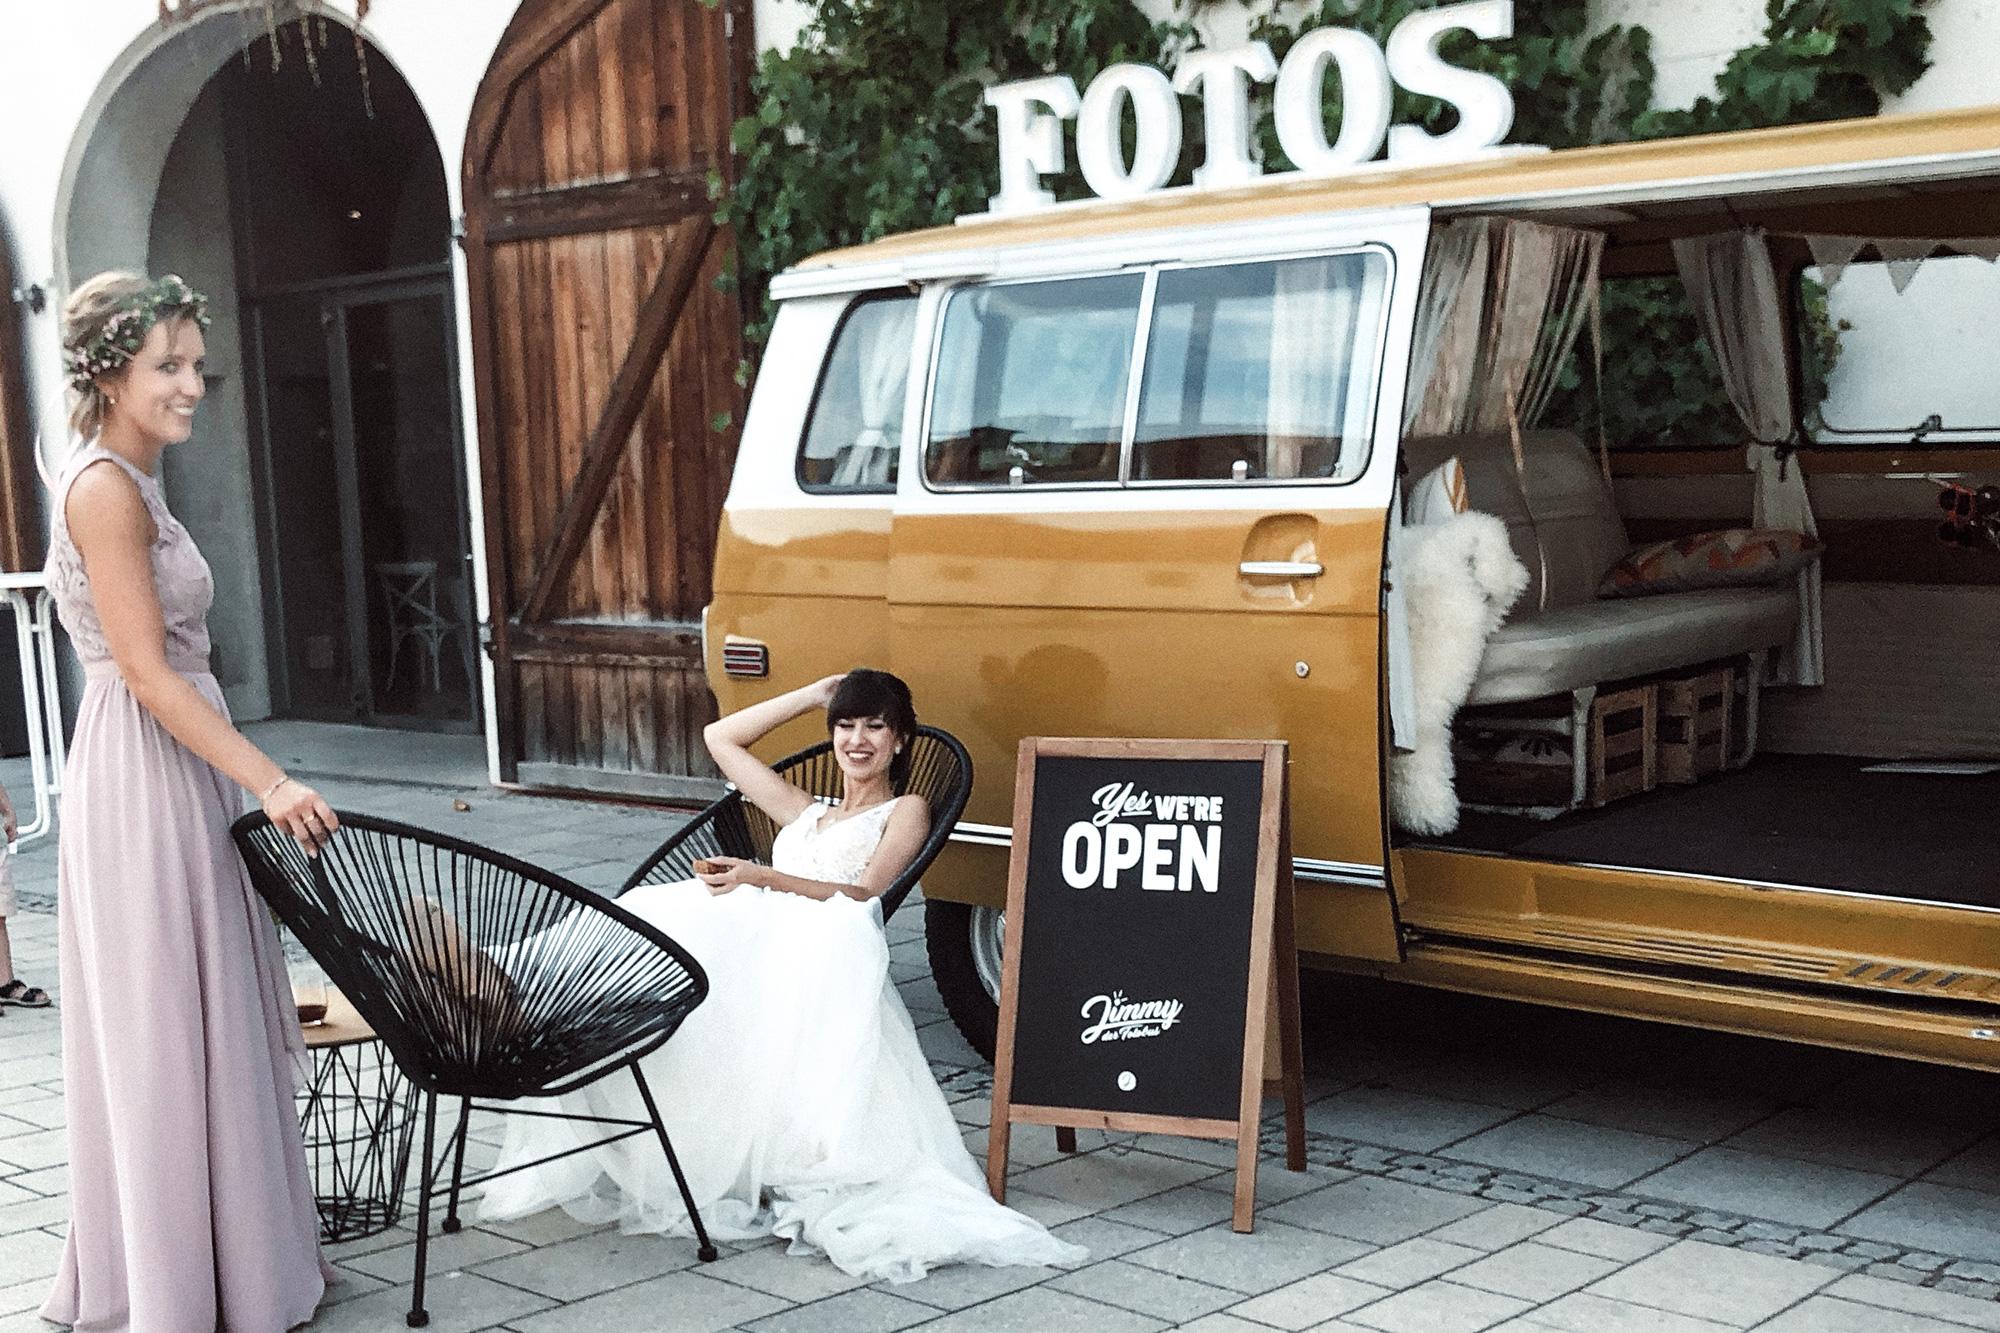 Fotobus-Jimmy-Fotobulli–Hochzeit-Fotobooth-Fotobox-V07.jpg